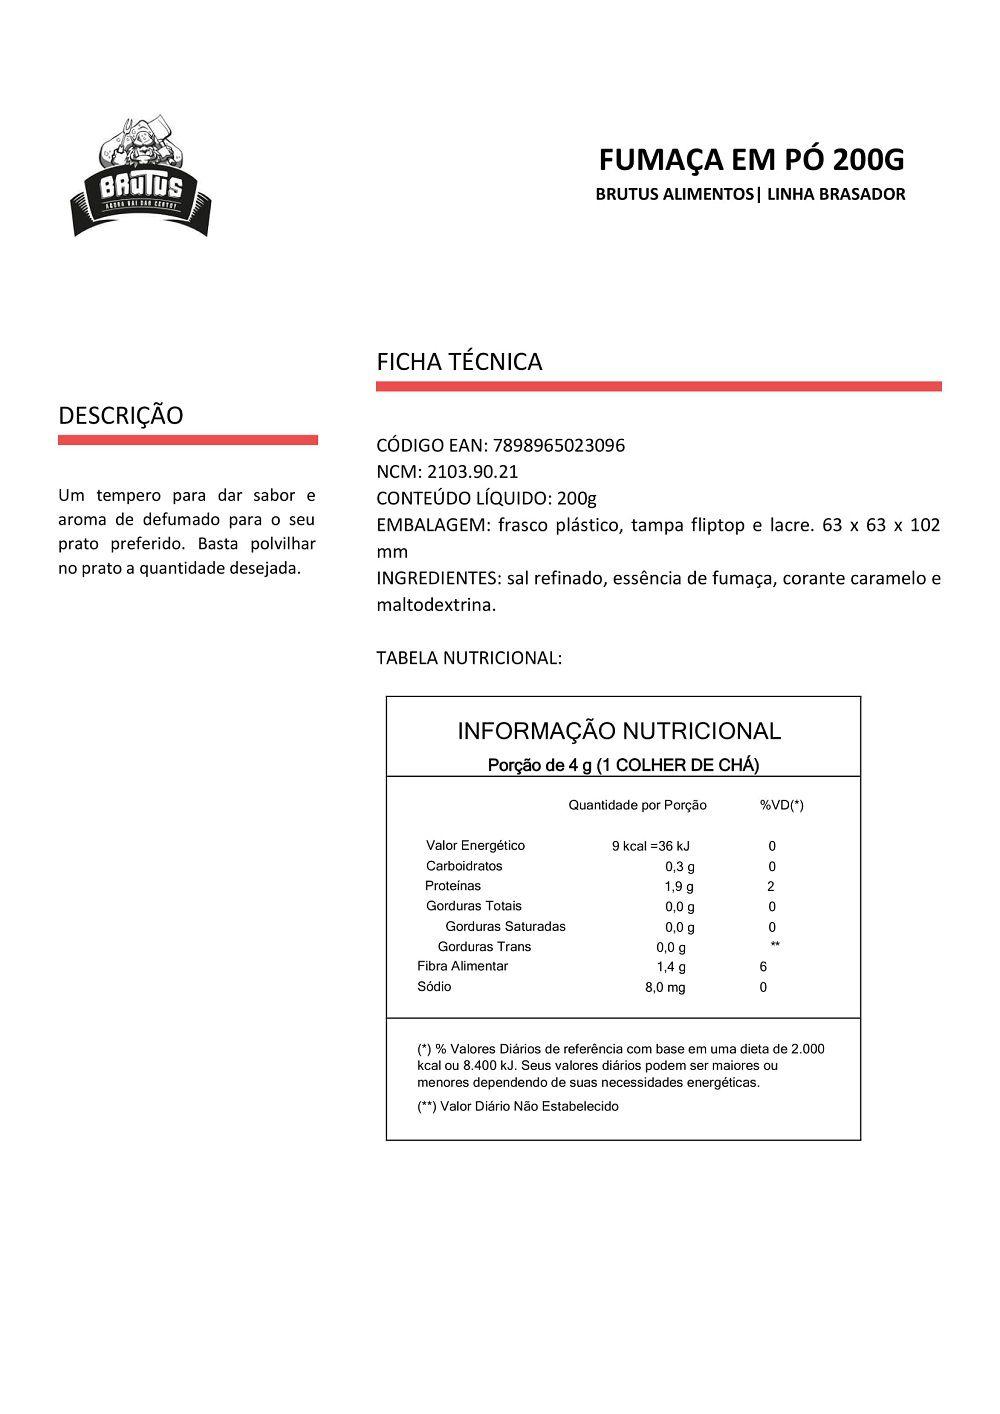 Fumaça em pó Brutus 200g Aroma e sabor defumados 03 unidades